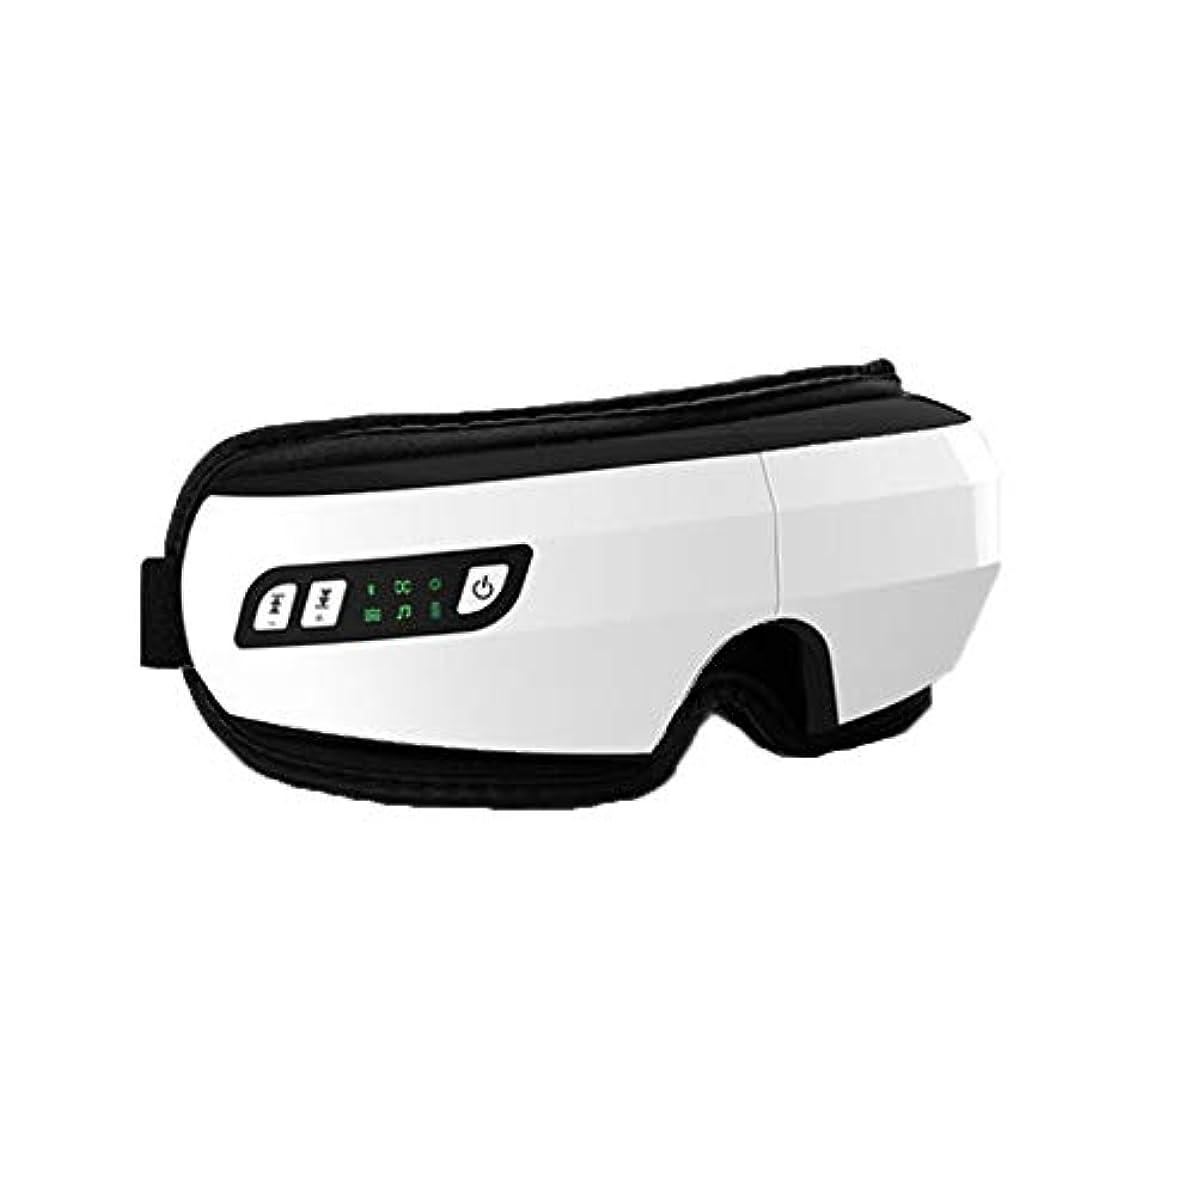 乱す最少面マッサージャー - 熱い湿布は近視の黒い目の声の振動目の保護の器械を取り除きます (Color : White)